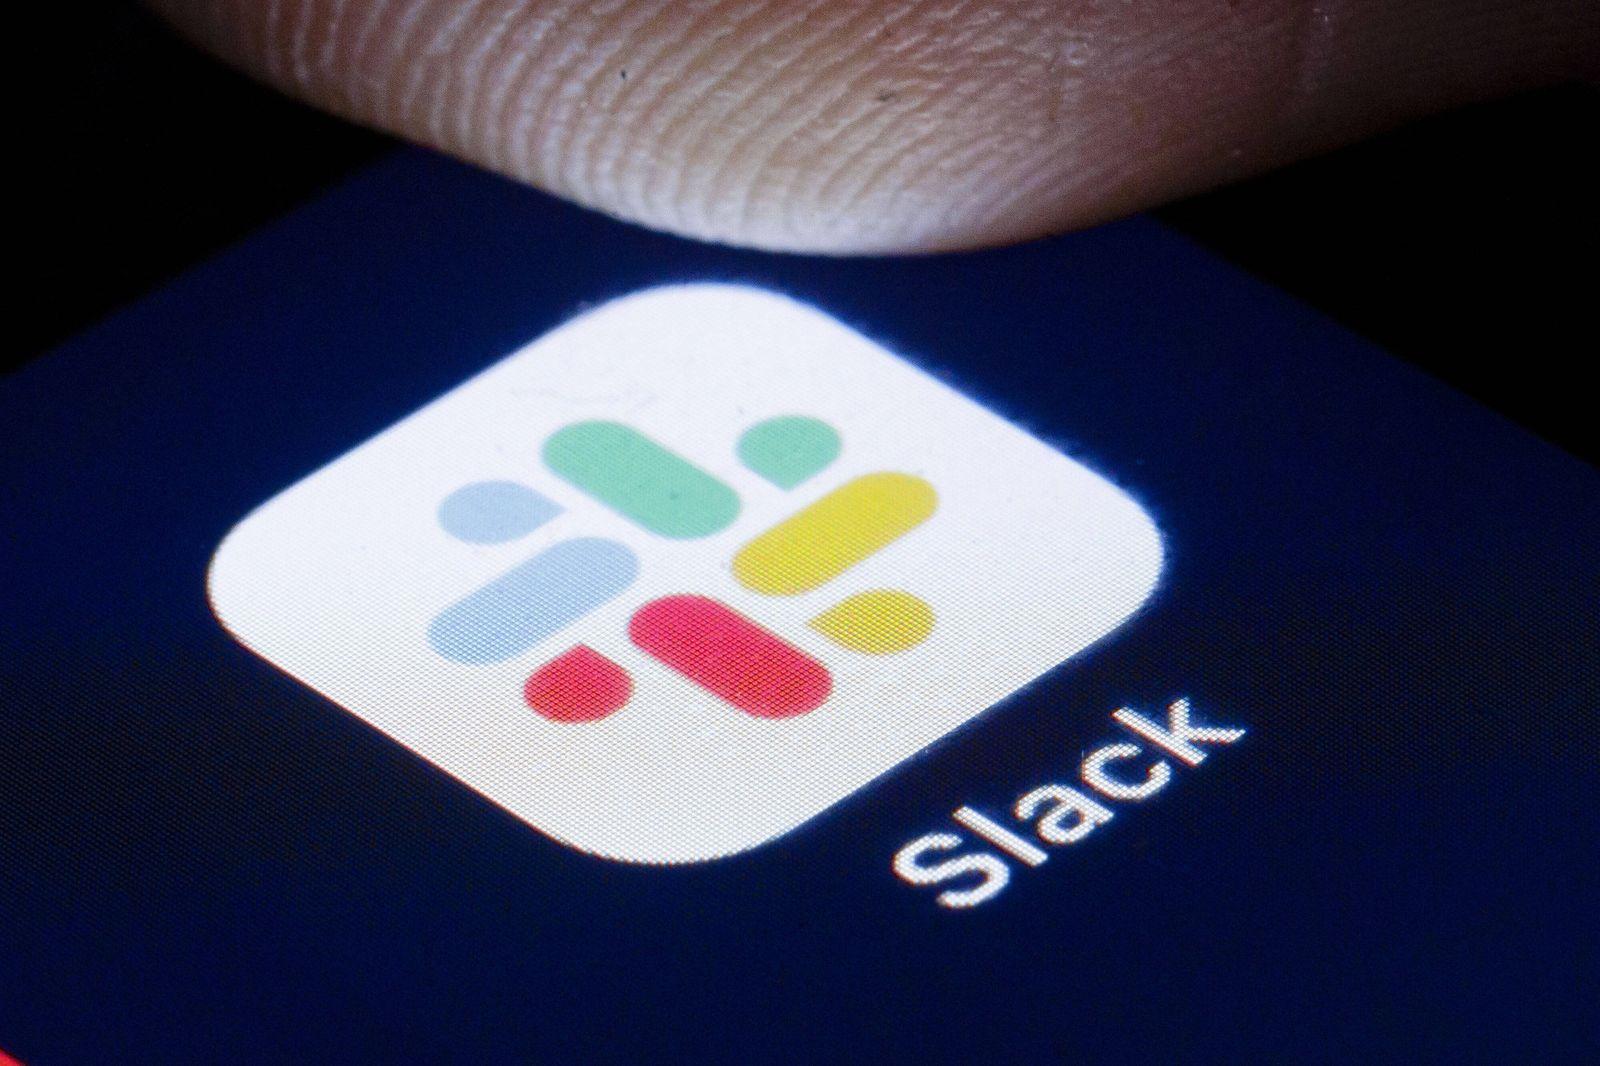 Das Logo des Instant Messaging Dienst Slack ist auf dem Display eines Smartphone zu sehen. Berlin, 22.04.2020. Berlin D